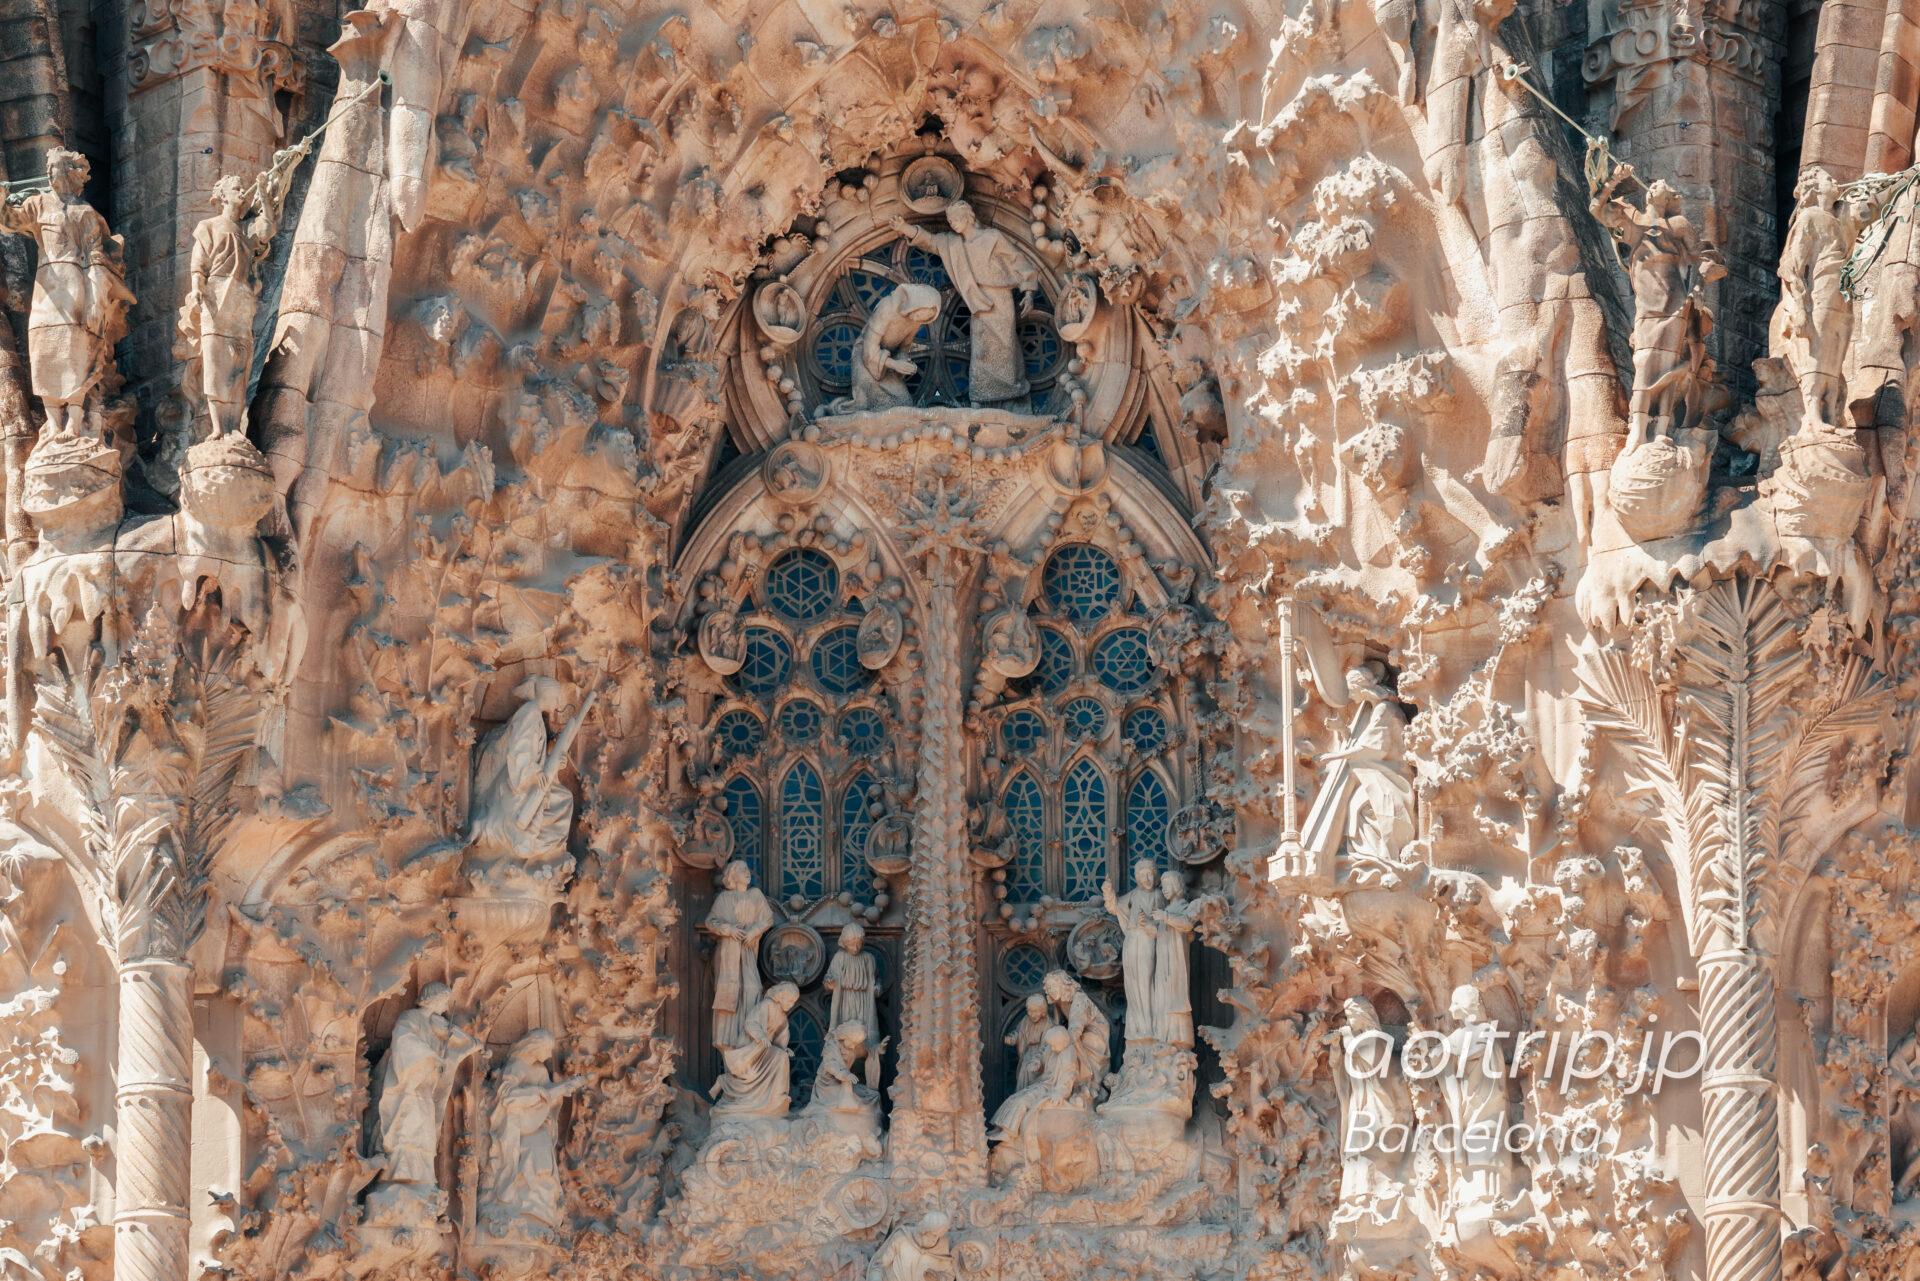 Basílica de la Sagrada Família(Façana del Naixement, The annunciation of the Virgin Mary)